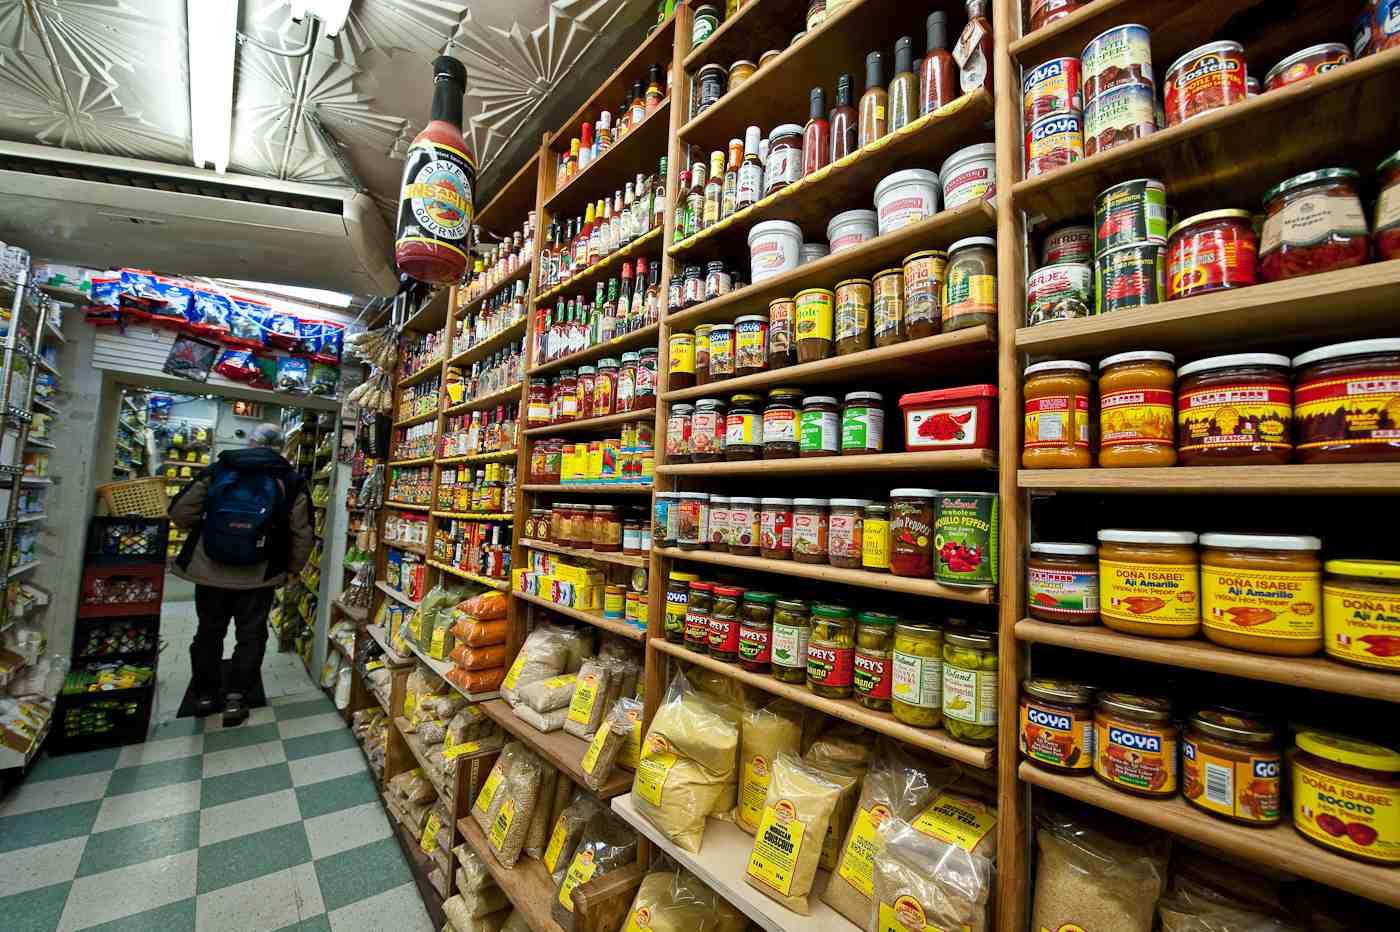 Kalustyan's Indian Goods